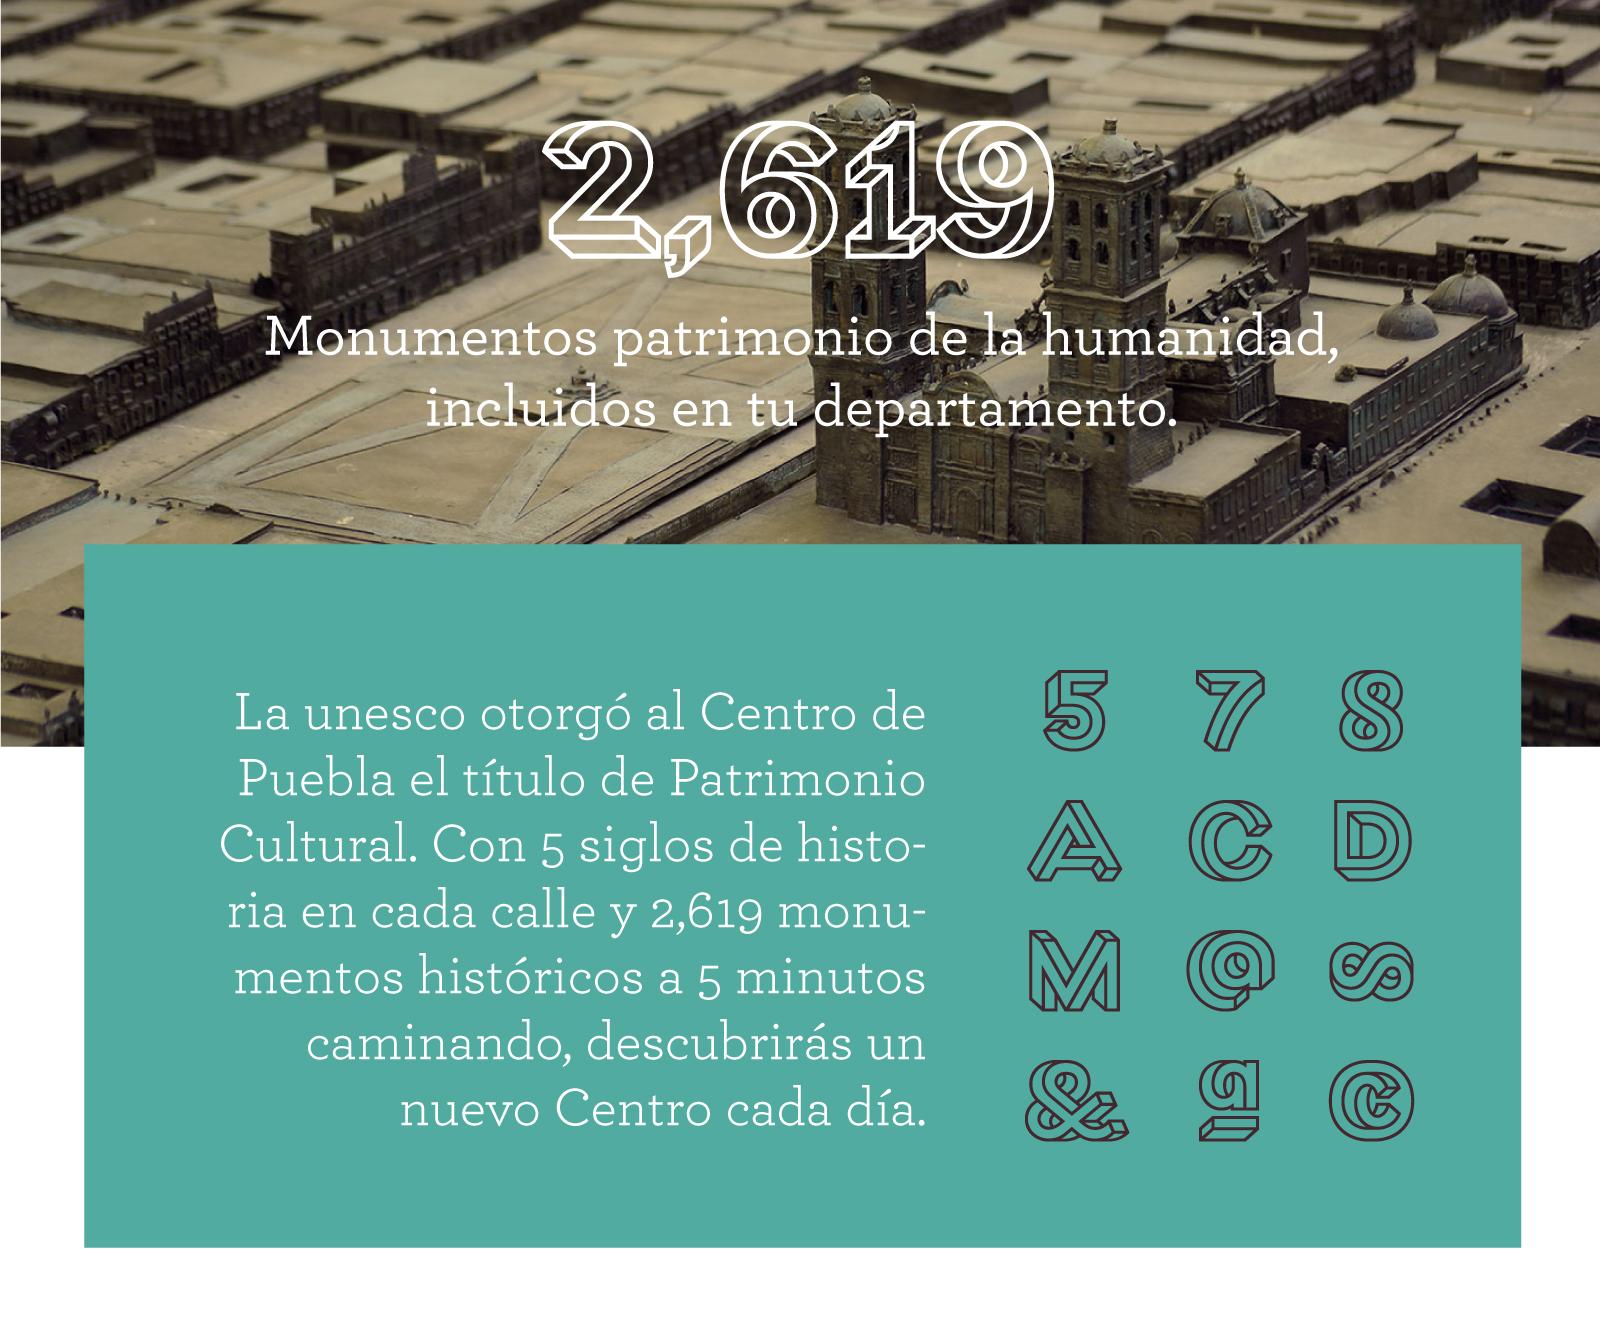 Banner con maqueta del centro de Puebla con la Catedral